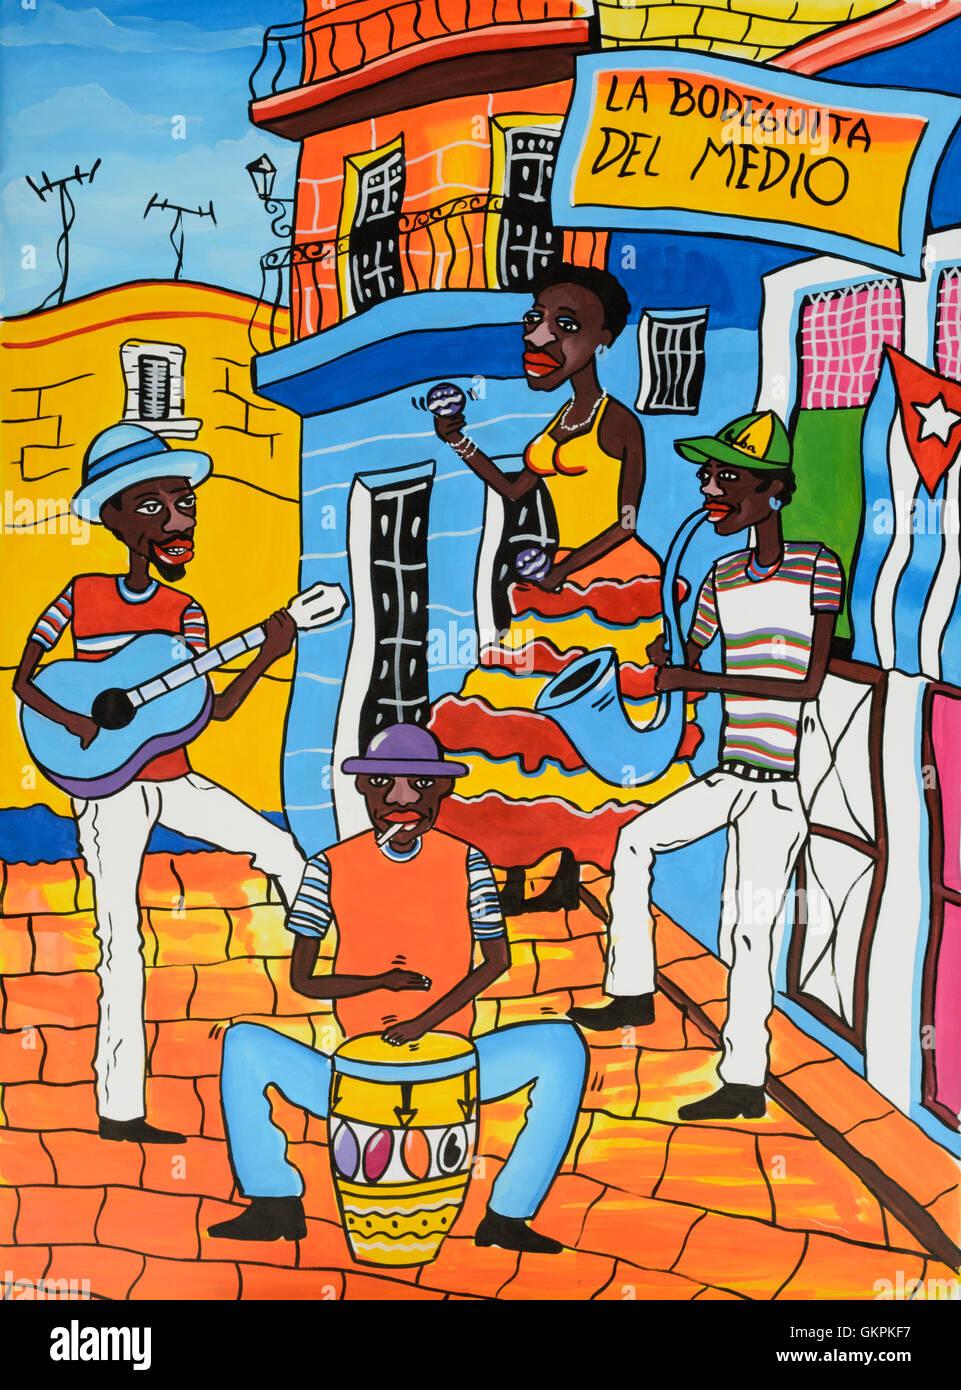 Farbenfrohe Gemälde der Darstellung La Bodeguita del Medio in Havanna, Kuba - einem berühmten Bar besucht Stockbild